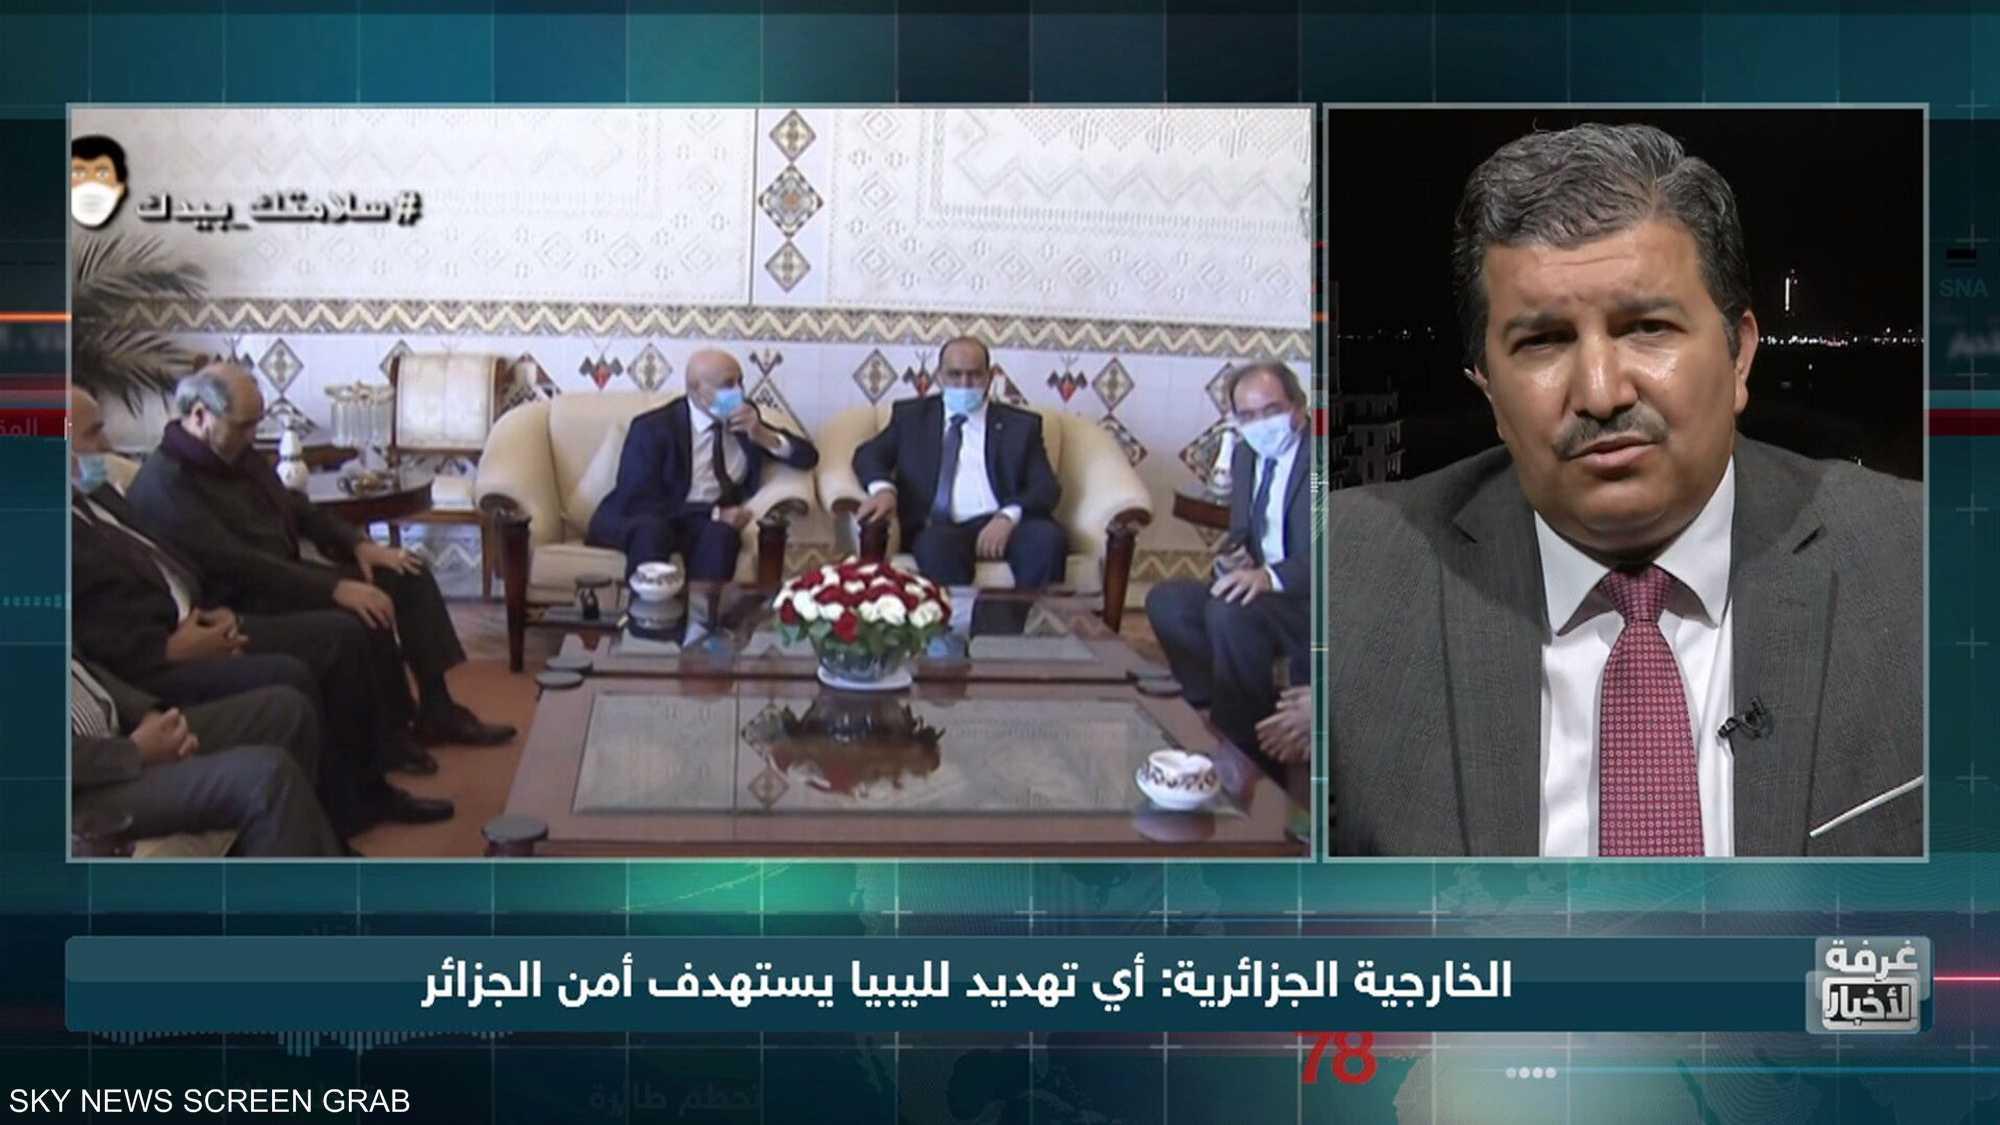 الجزائر والأزمة الليبية.. دعوات للحوار ووقف التدخل الخارجي